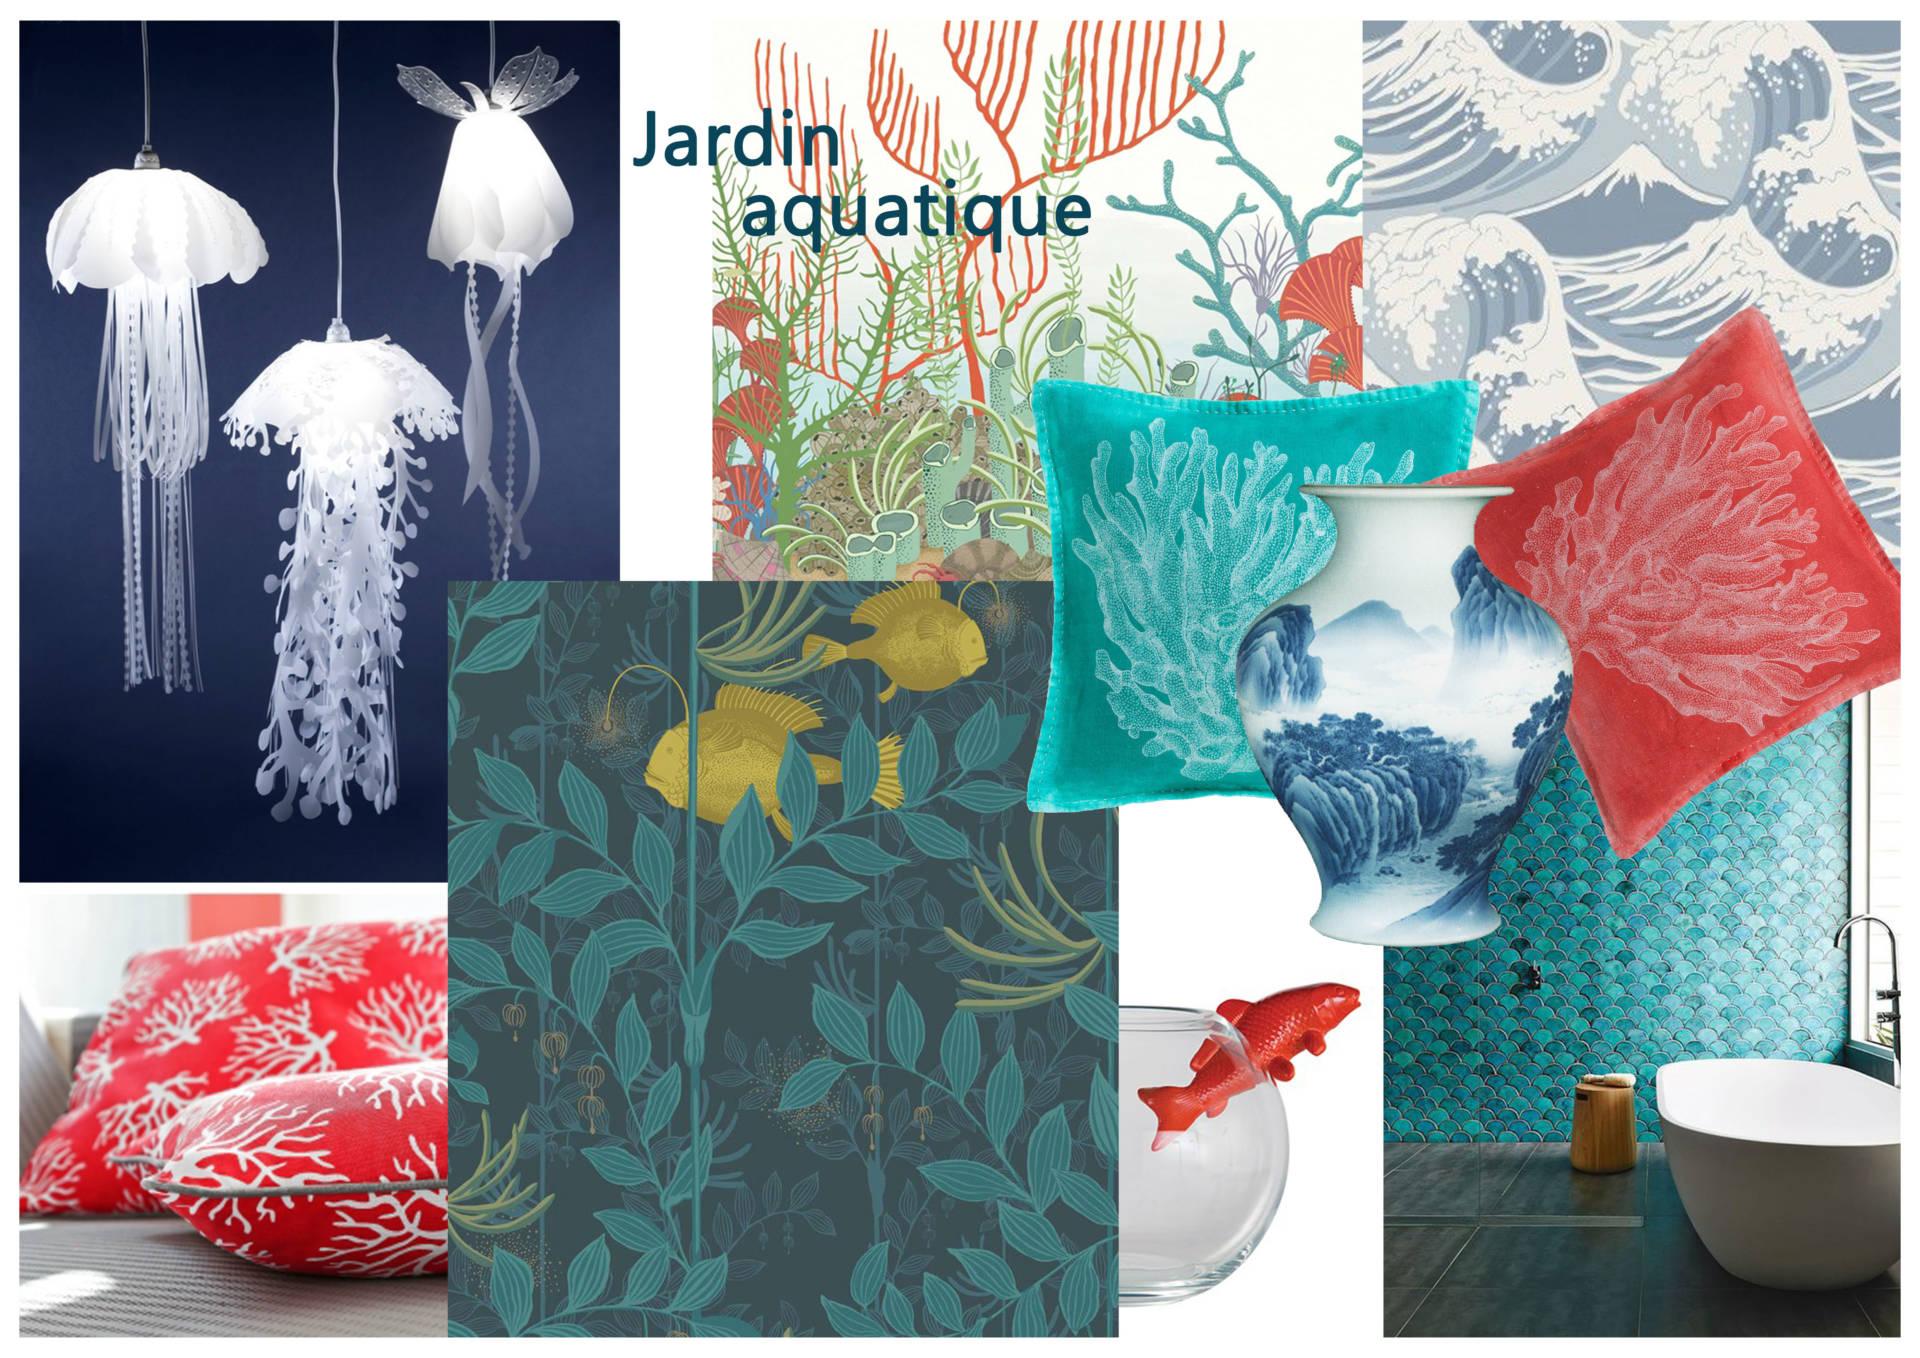 Moodboards Jardin aquatique par Anne Solenn Chérat, Décoratrice UFDI sur Lorient, Vannes, Pontivy.